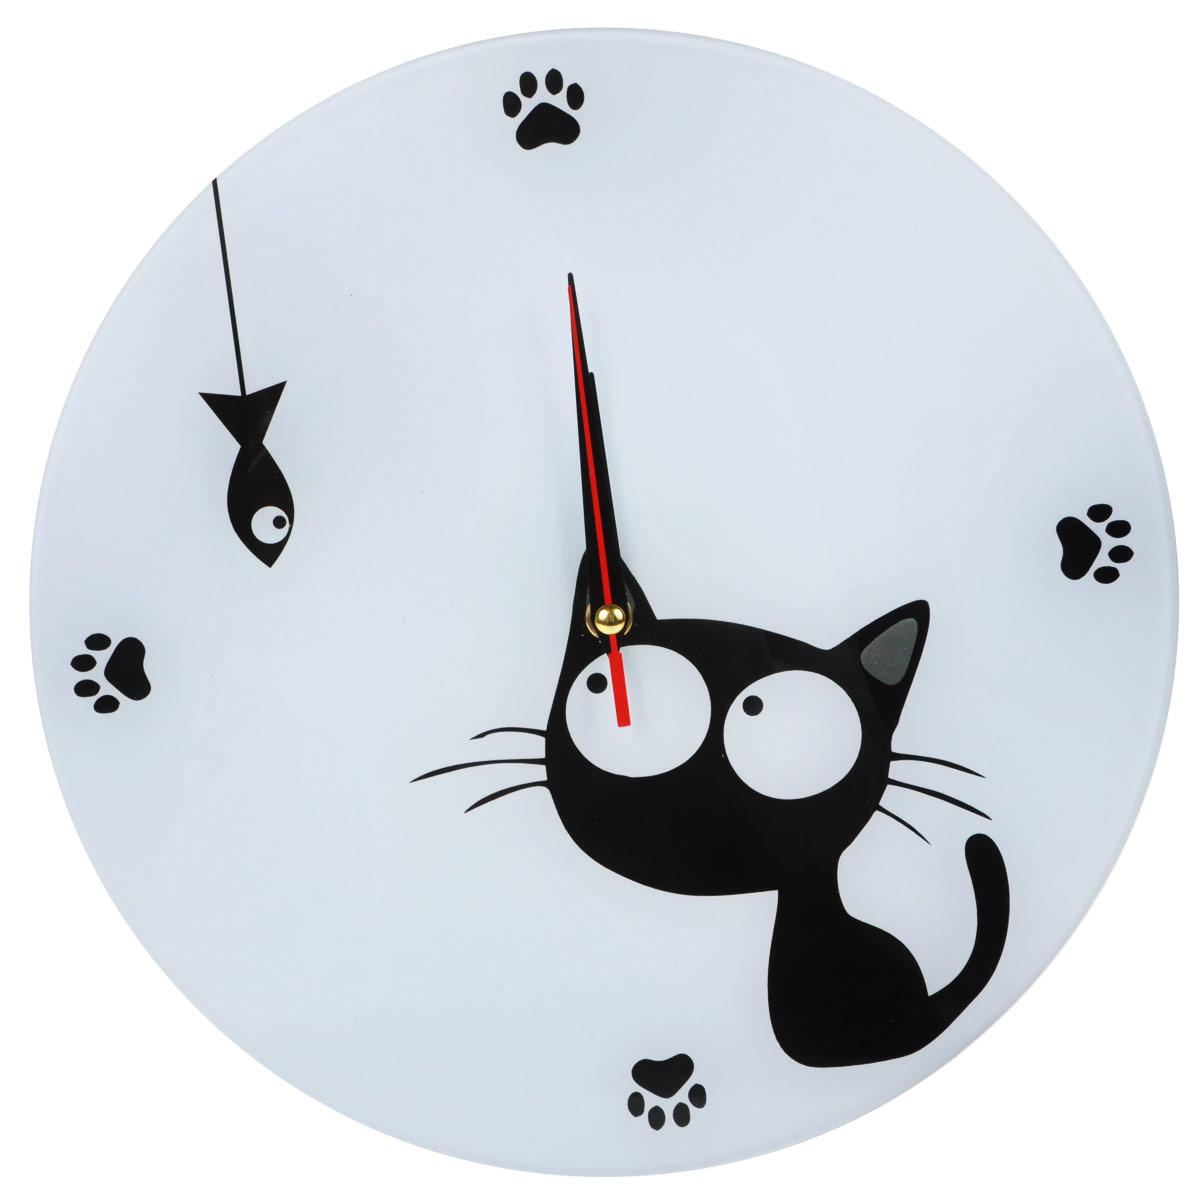 Часы настенные Котенок с рыбкой, стеклянные, цвет: черный, белый. 9554795547Оригинальные настенные часы Котенок с рыбкой круглой формы выполнены из стекла и оформлены изображением котенка и рыбки. Часы имеют три стрелки - часовую, минутную и секундную. Циферблат часов не защищен. Необычное дизайнерское решение и качество исполнения придутся по вкусу каждому.Оформите свой дом таким интерьерным аксессуаром или преподнесите его в качестве презента друзьям, и они оценят ваш оригинальный вкус и неординарность подарка. Характеристики:Материал: пластик, стекло. Диаметр: 28 см. Тихий ход. Работают от батарейки типа АА (в комплект не входит).